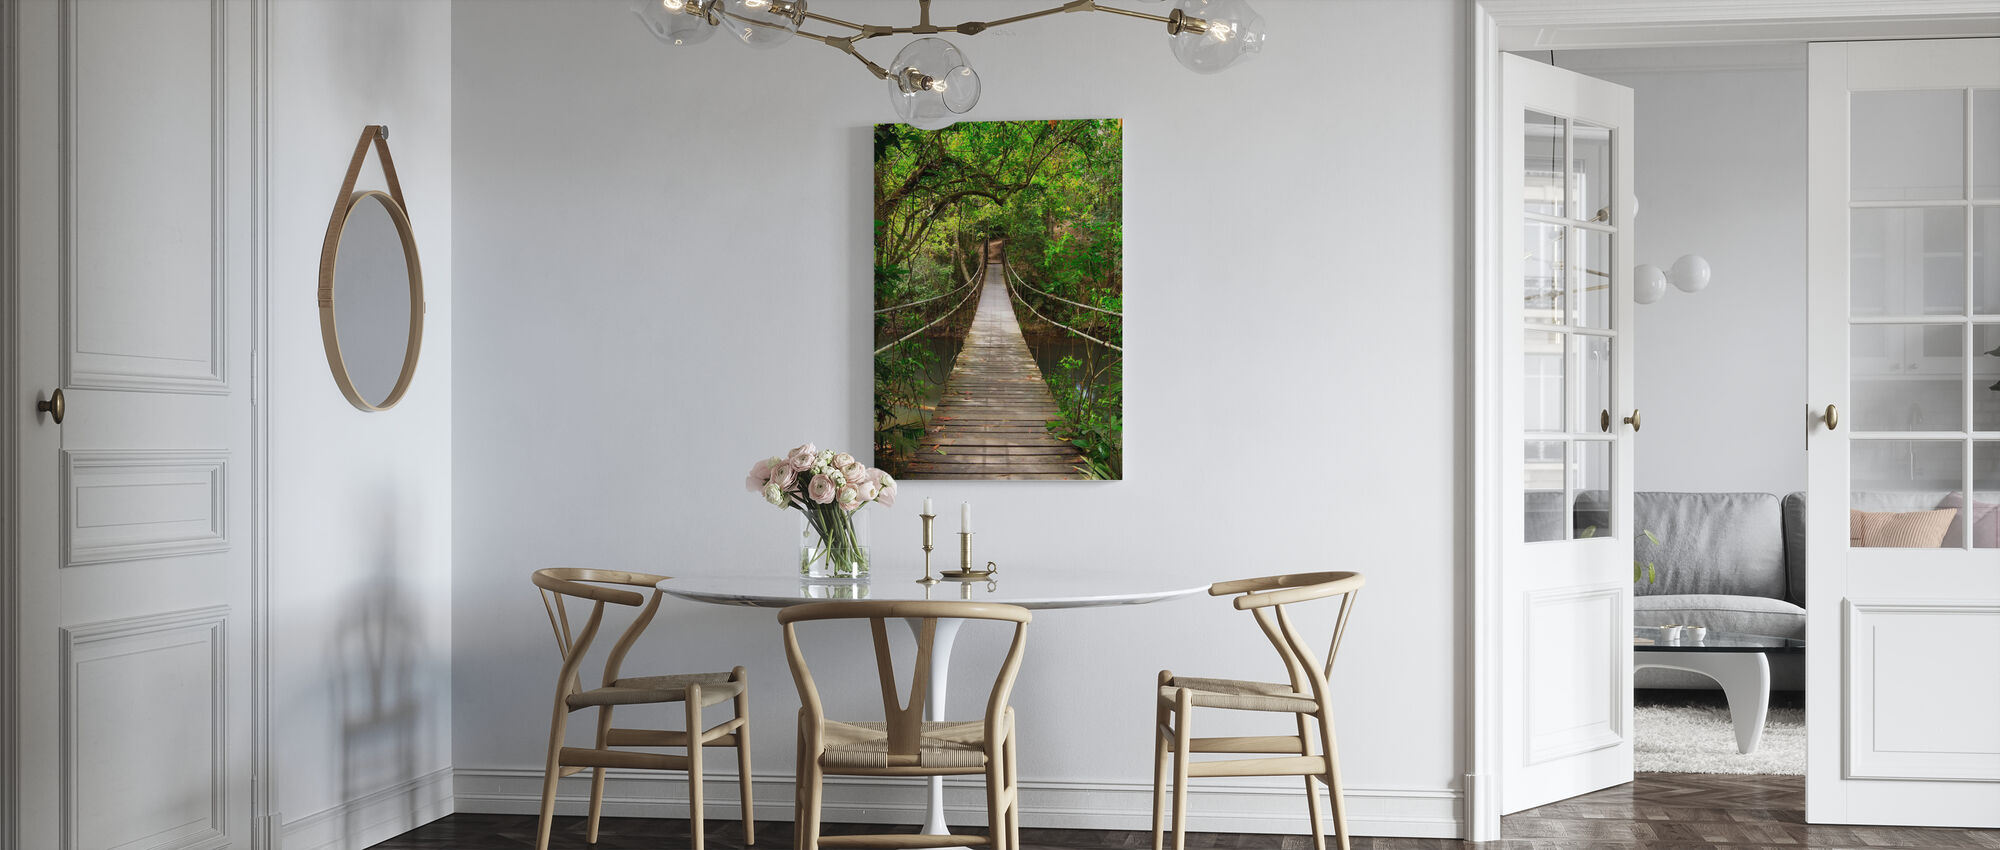 Regnskog vintreet bro - Lerretsbilde - Kjøkken